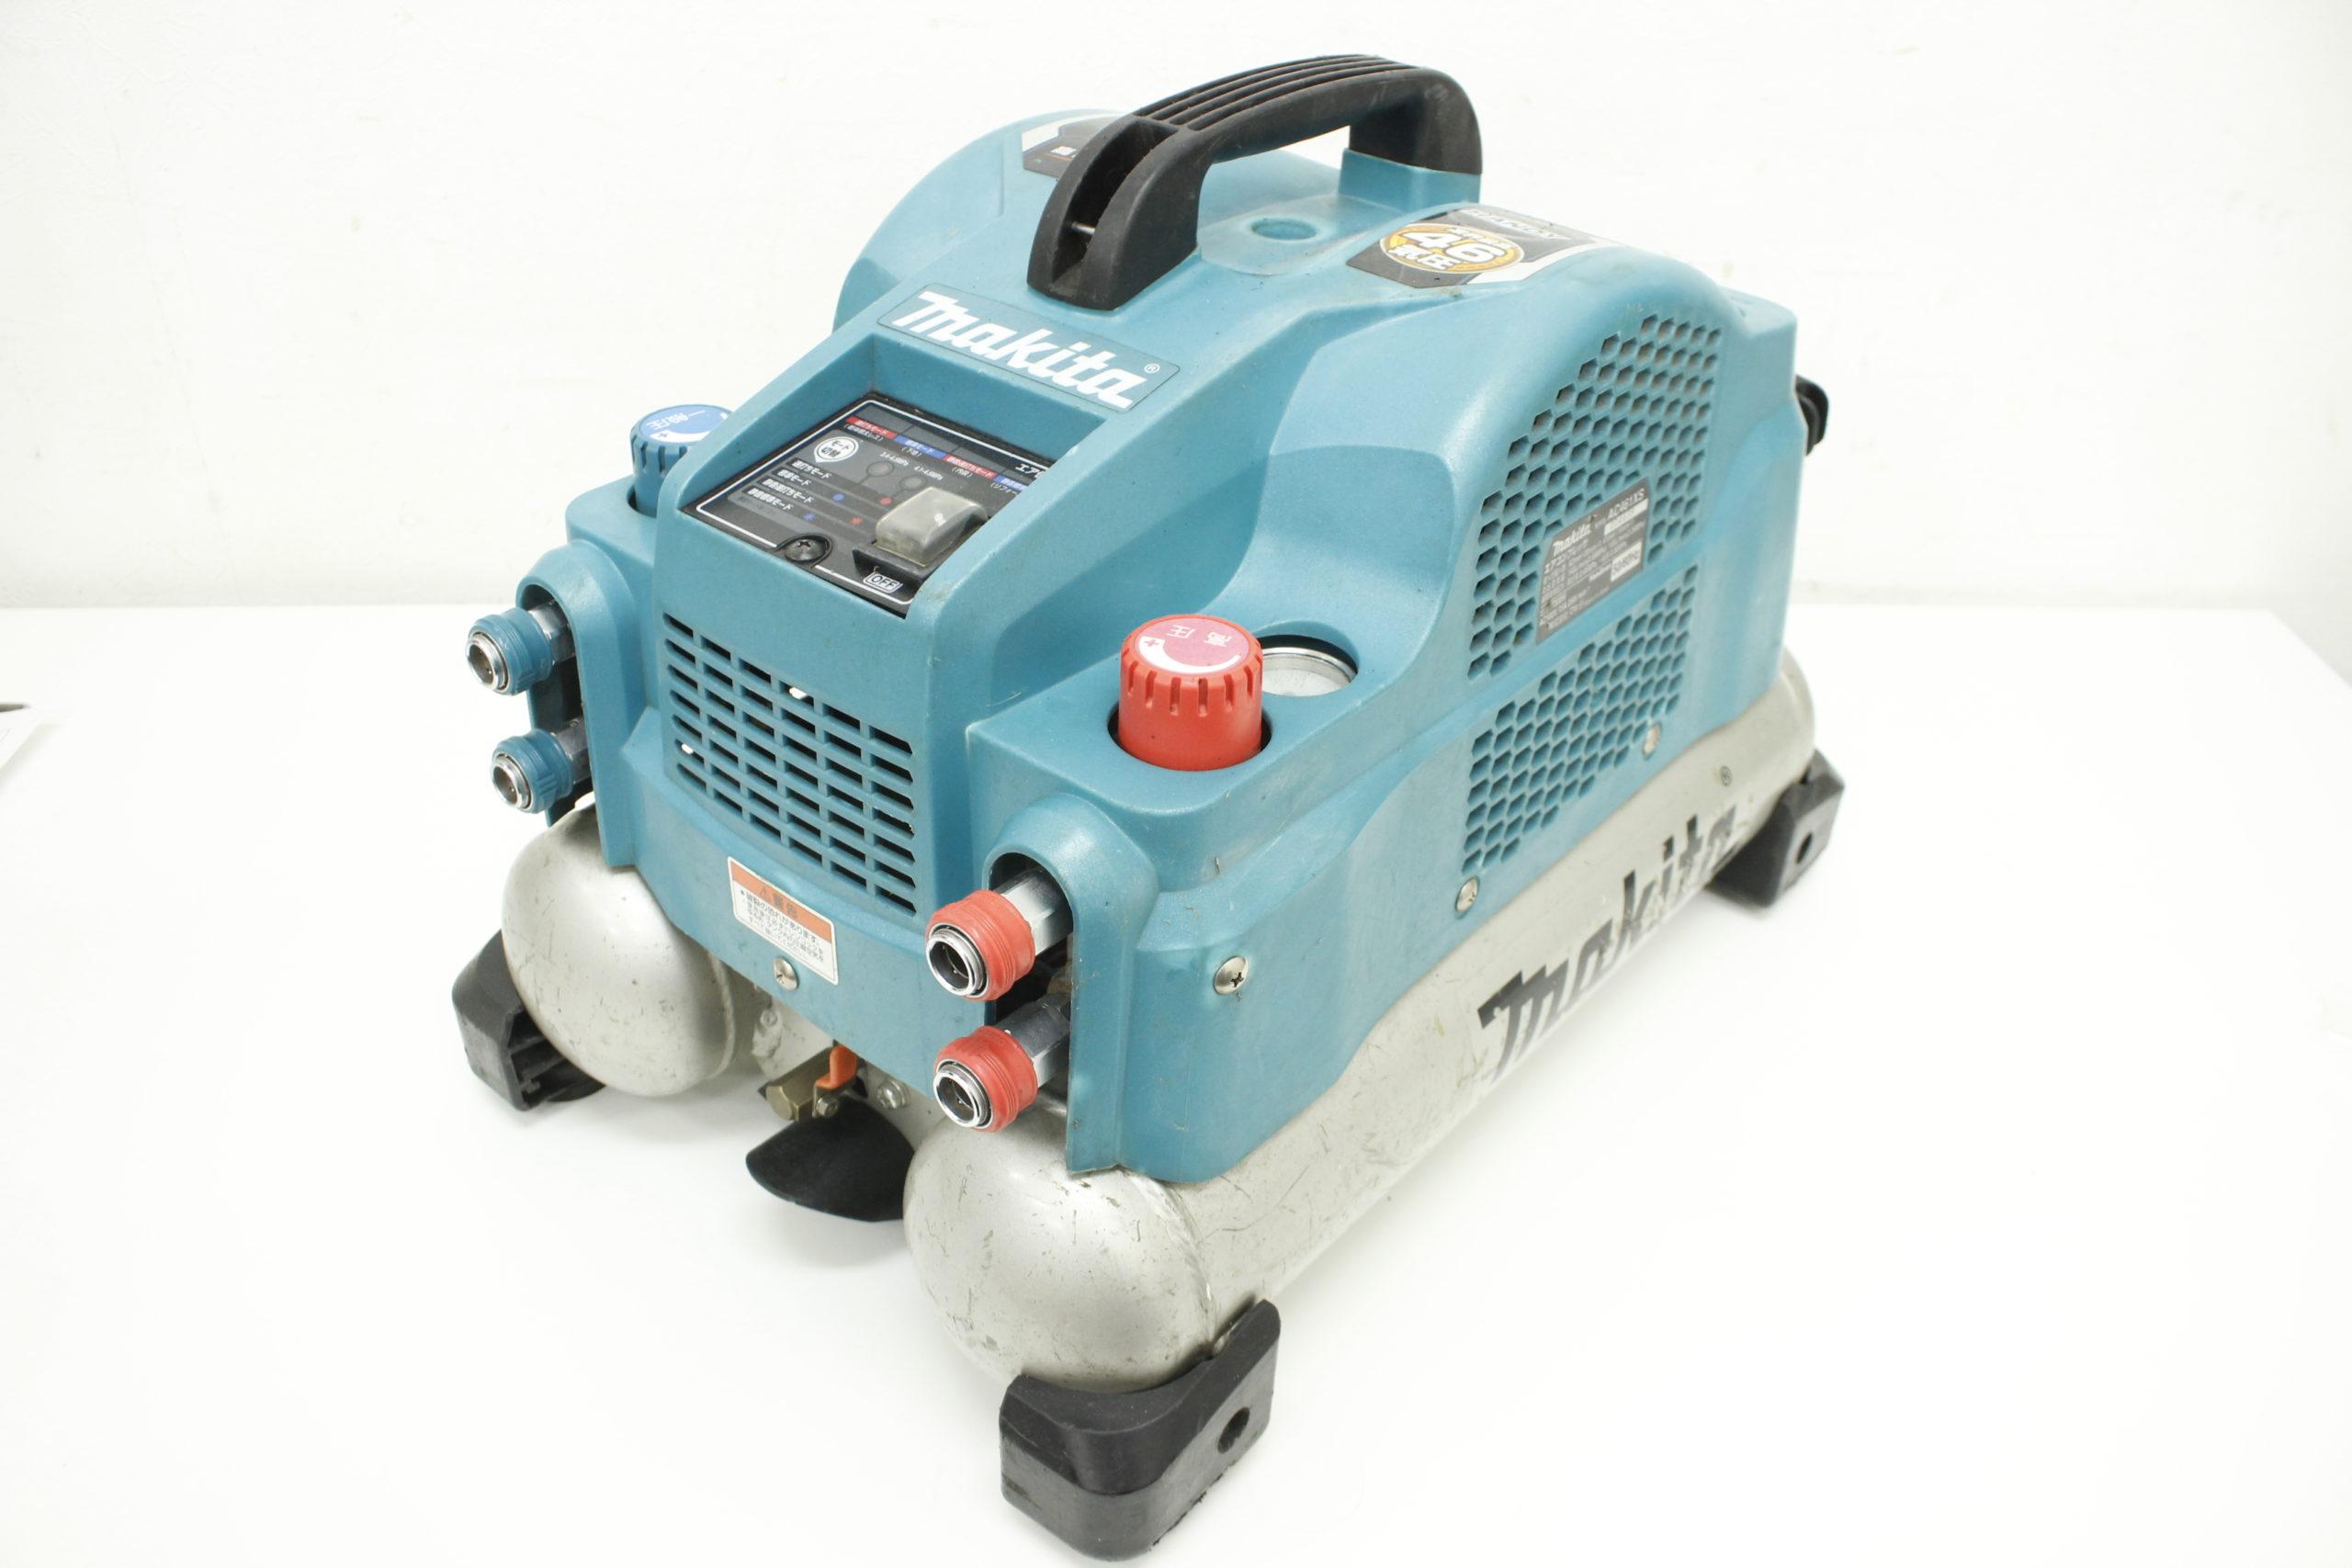 (福岡県久留米市) makita /マキタ エアコンプレッサ AC461XS 電動工具の買取もお任せ下さい!の買取-